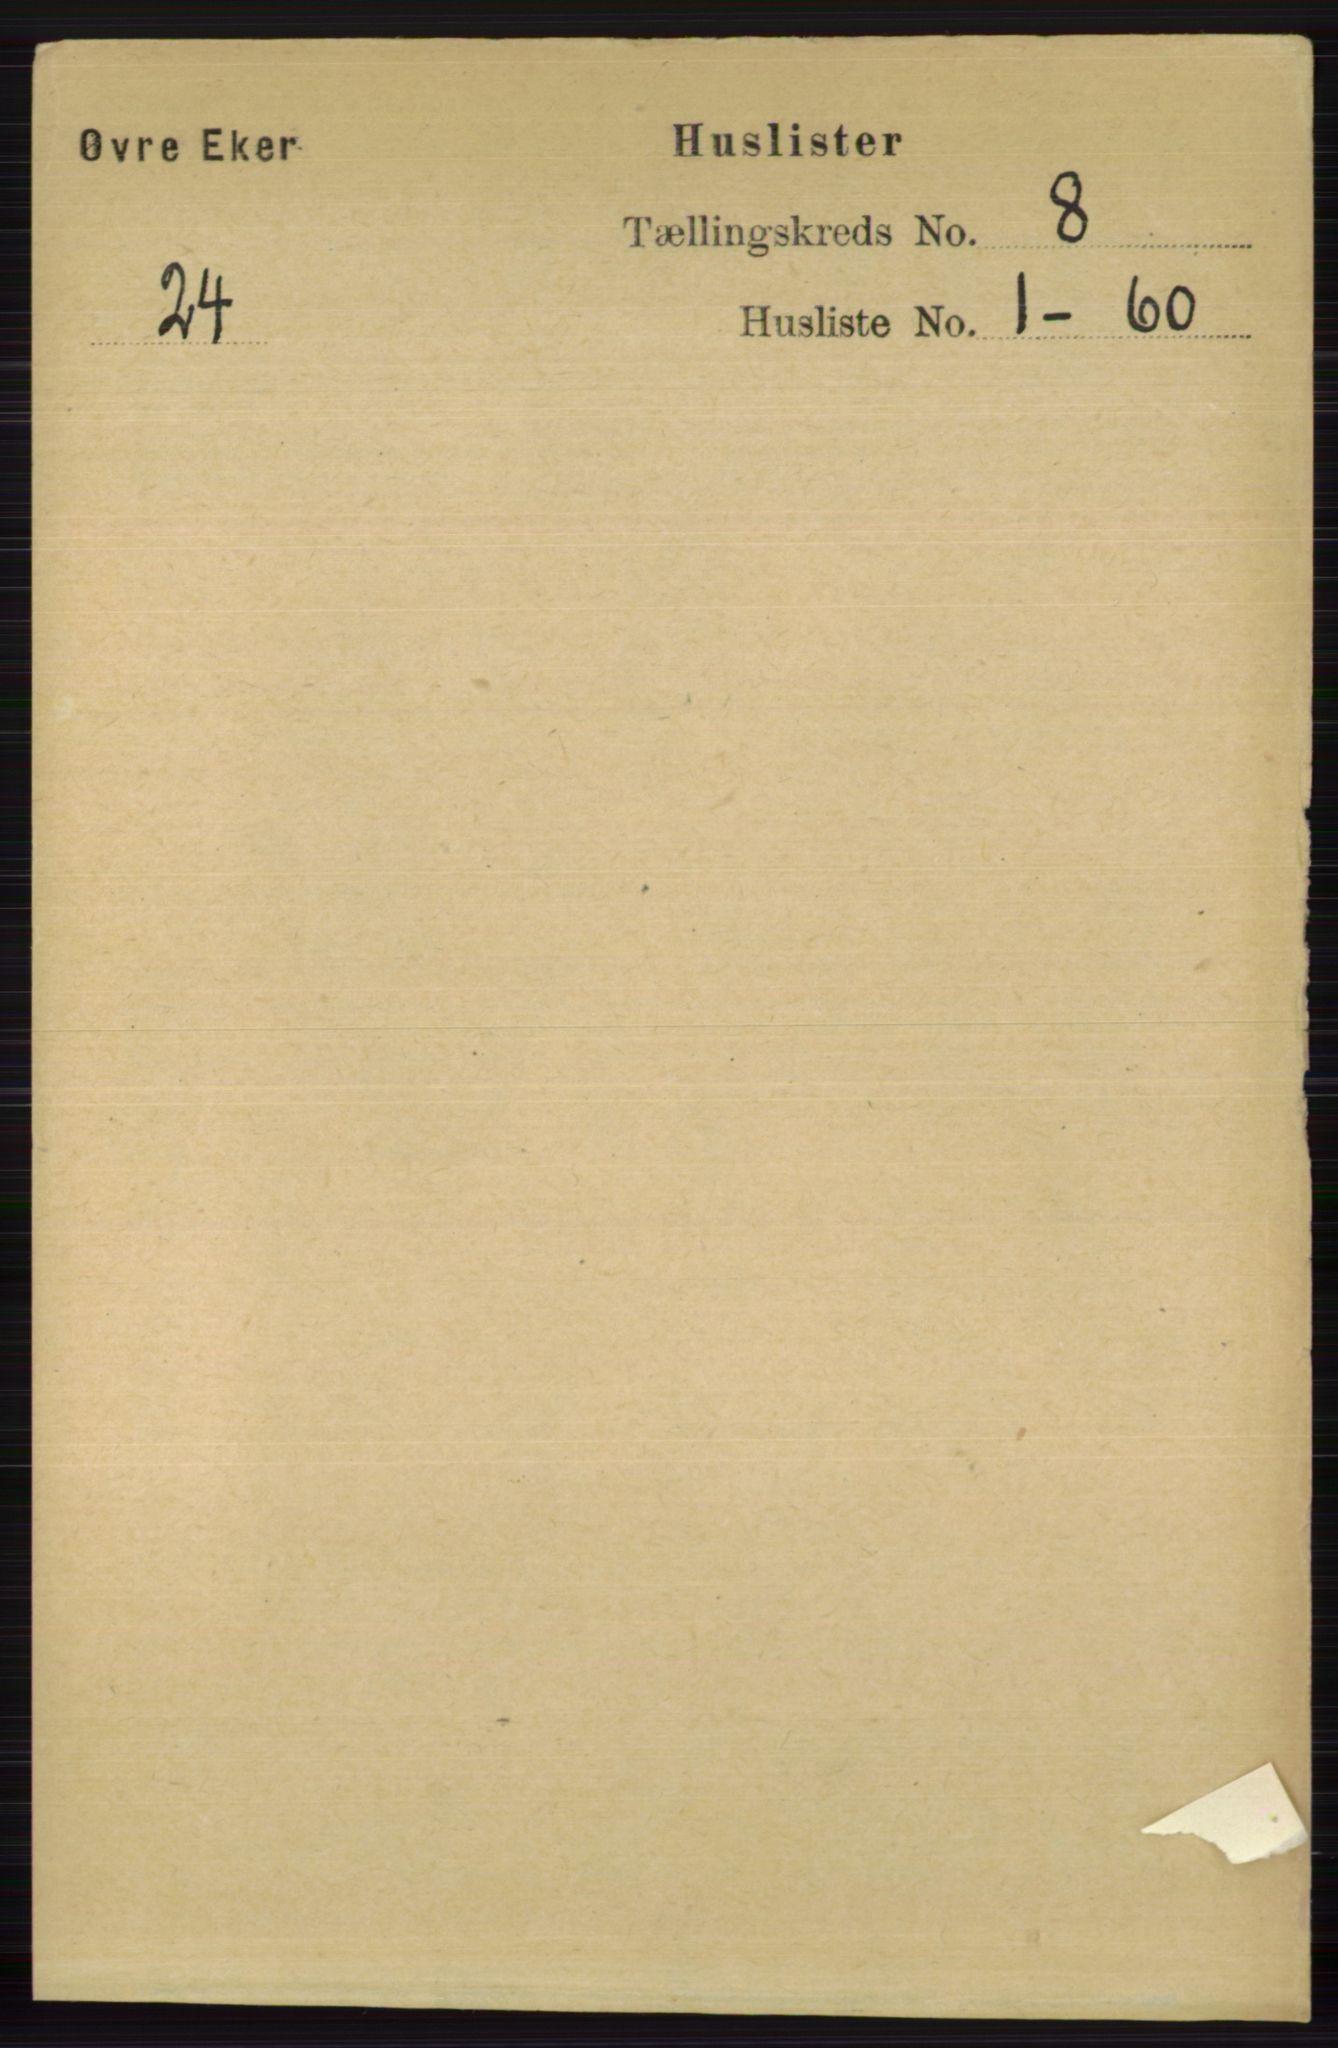 RA, Folketelling 1891 for 0624 Øvre Eiker herred, 1891, s. 3167